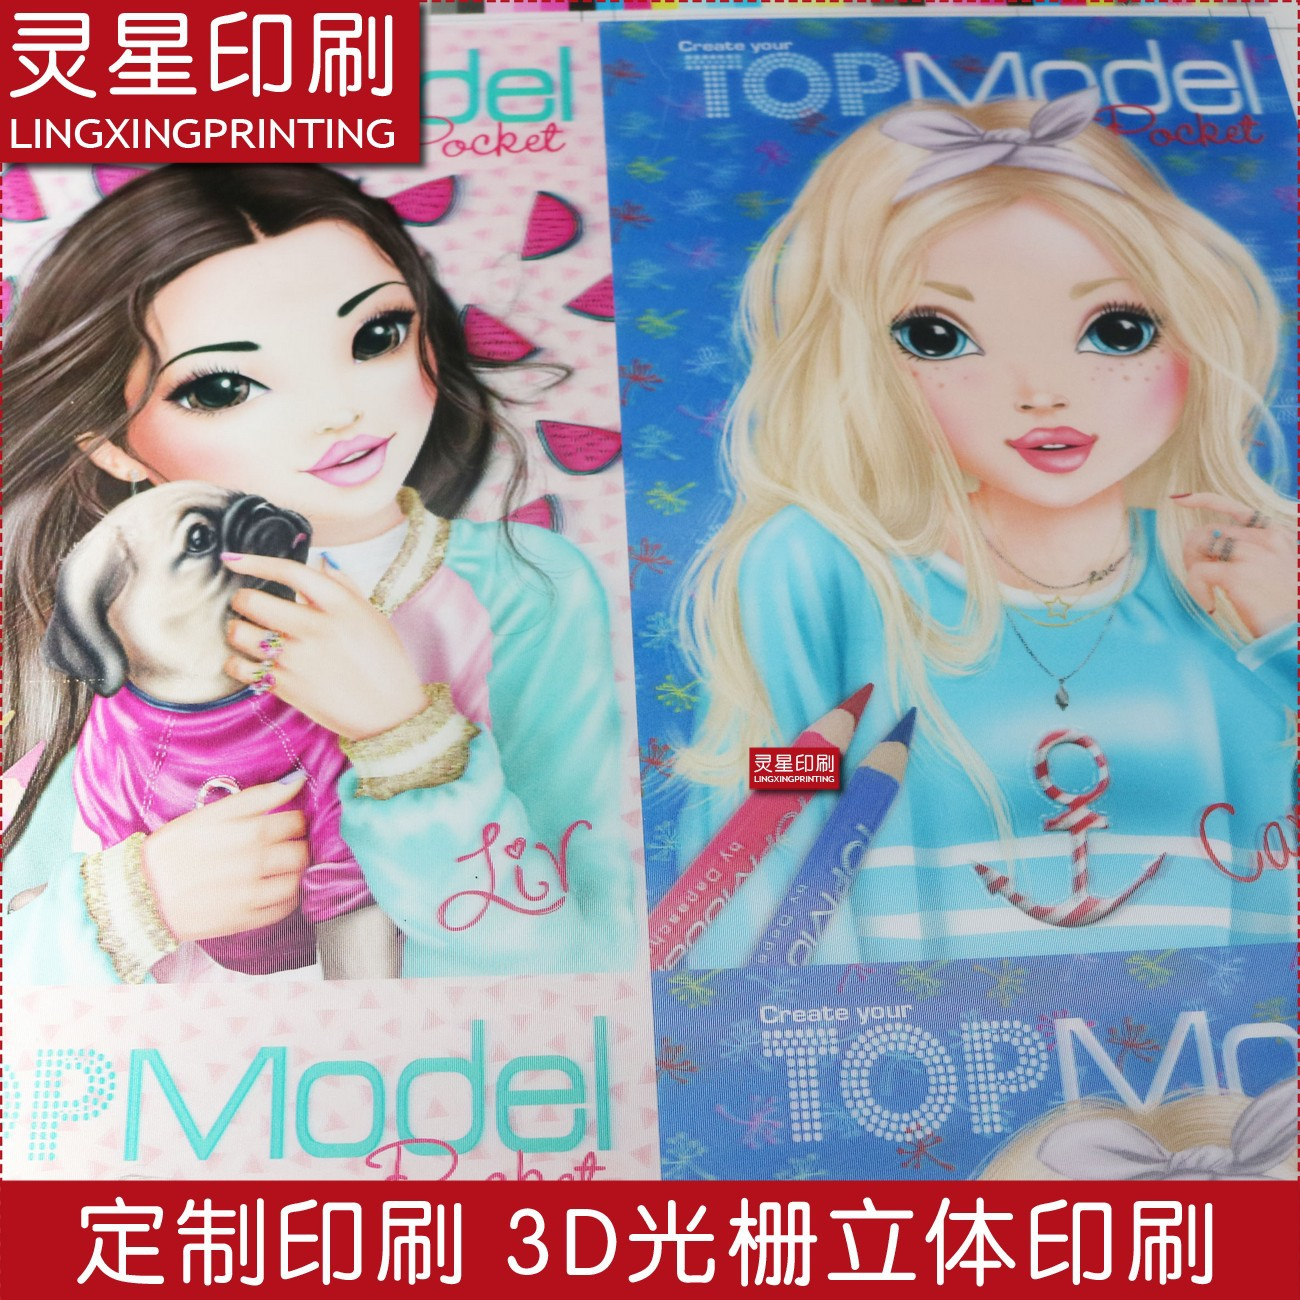 深圳三维立体印刷 3D图片彩印 定制美女卡通封面  PET光栅胶片